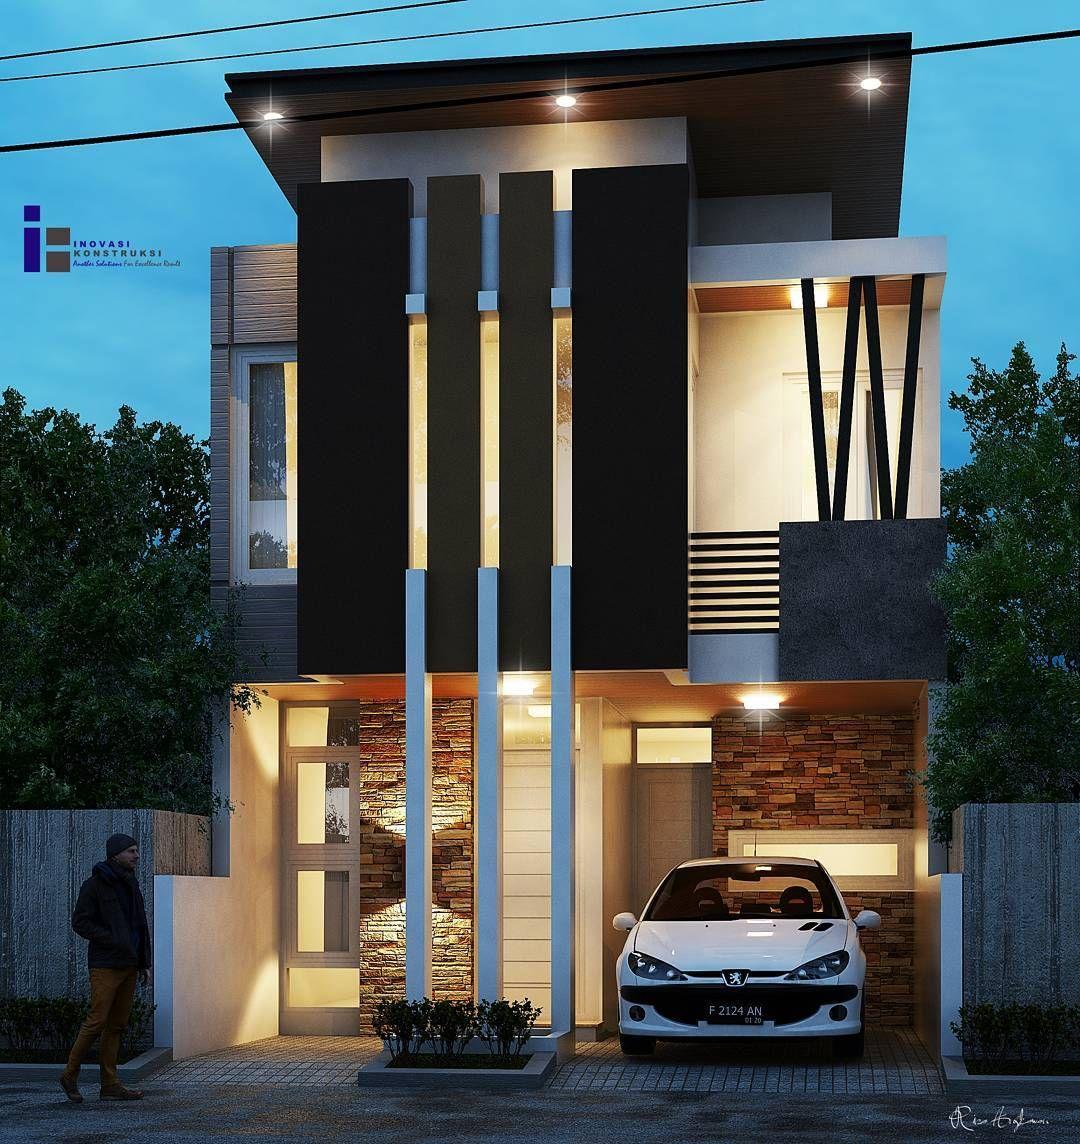 Desain Rumah Minimalis Modern 2 Lantai Rumah Minimalis Desain Rumah Desain Exterior Rumah